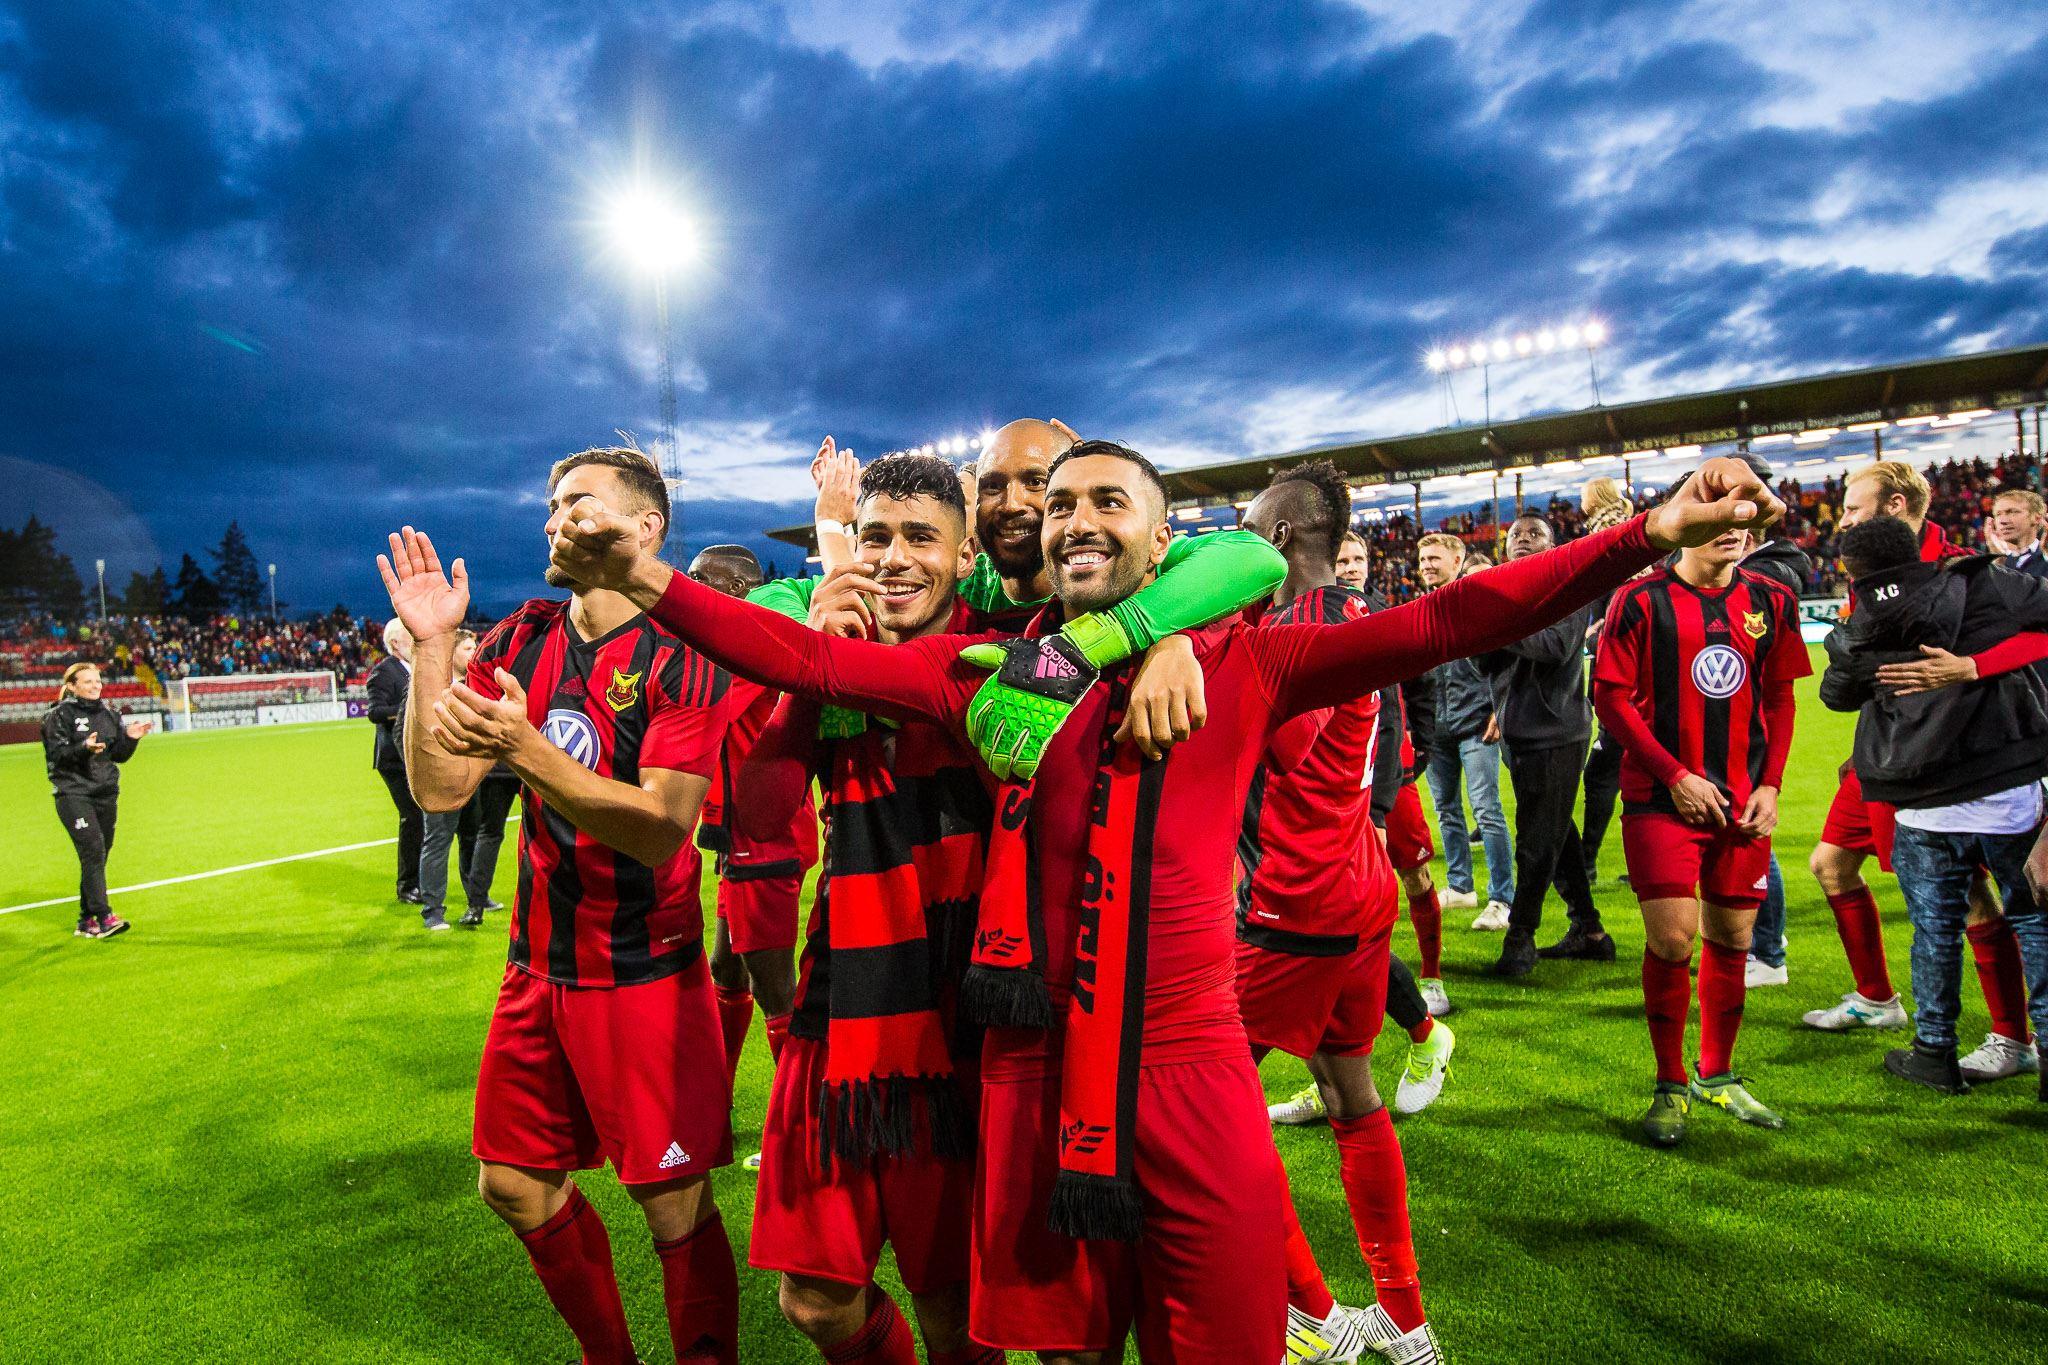 Foto: Johan Axelsson ÖFK,  © Copy: Johan Axelsson, Europa League Östersunds FK - FK Zorja Luhansk